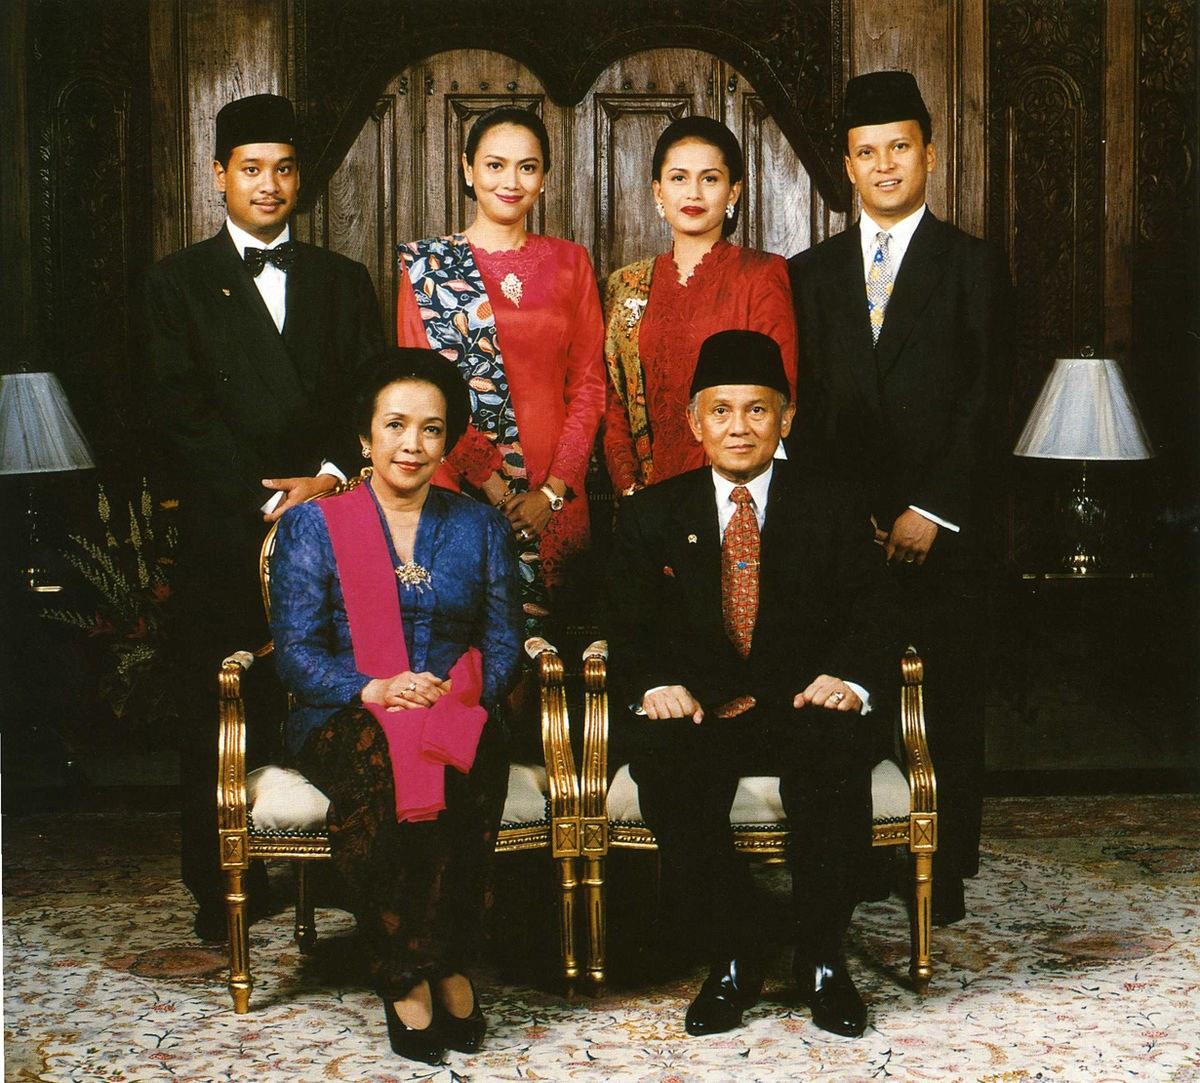 Bentuk Baju Pengantin Pria Muslim Modern Ffdn National Costume Of Indonesia